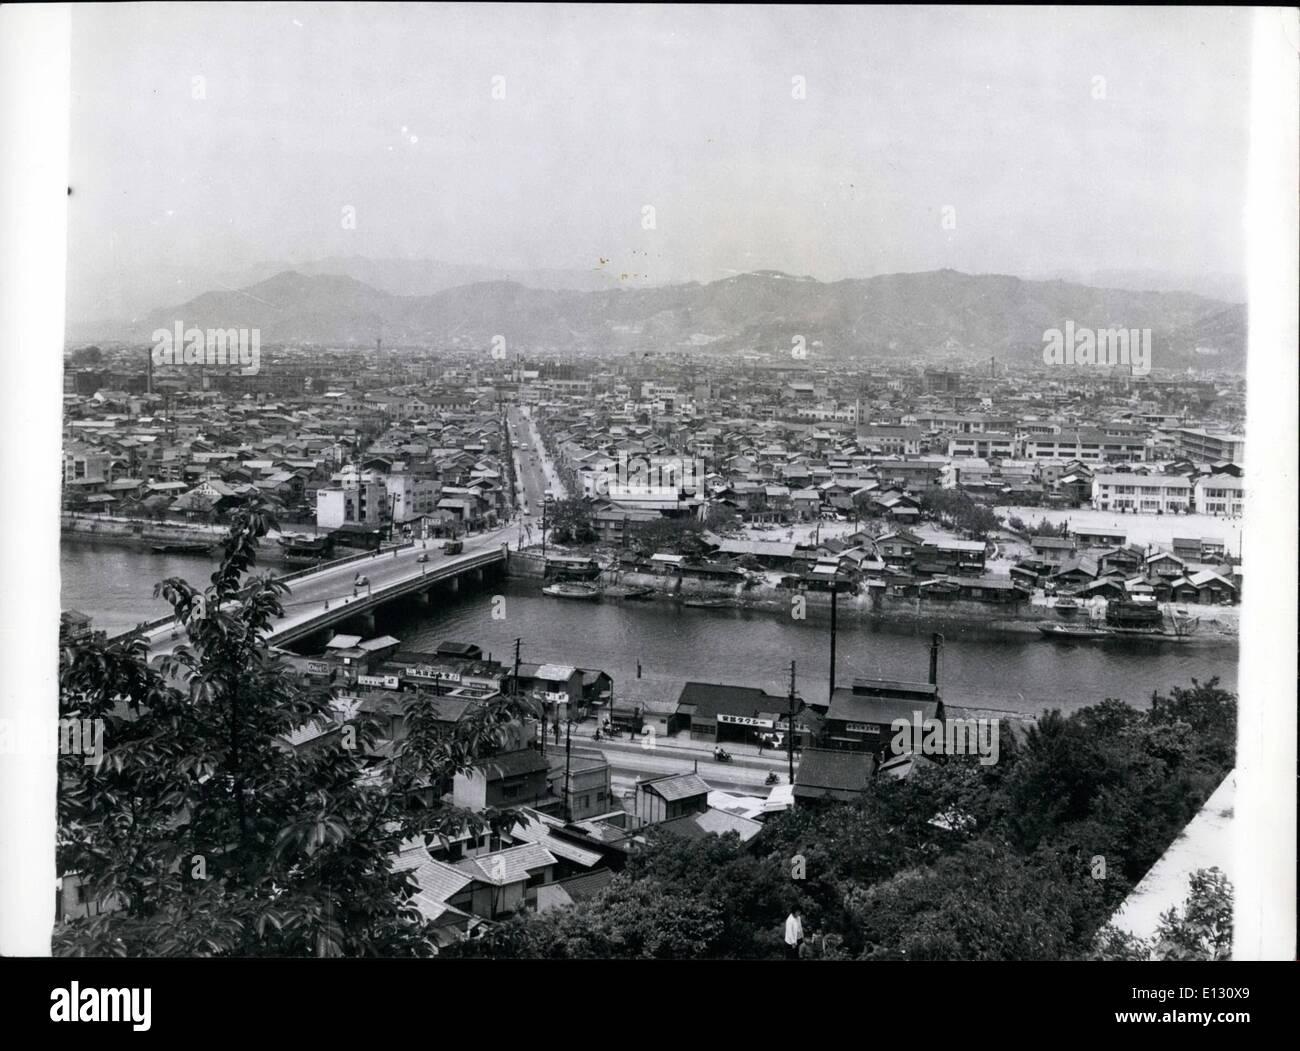 Le 26 février, 2012 - Hiroshima 14 ans plus tard: maisons en bois typiquement japonais entouré les bâtiments contemporains qui ont Photo Stock